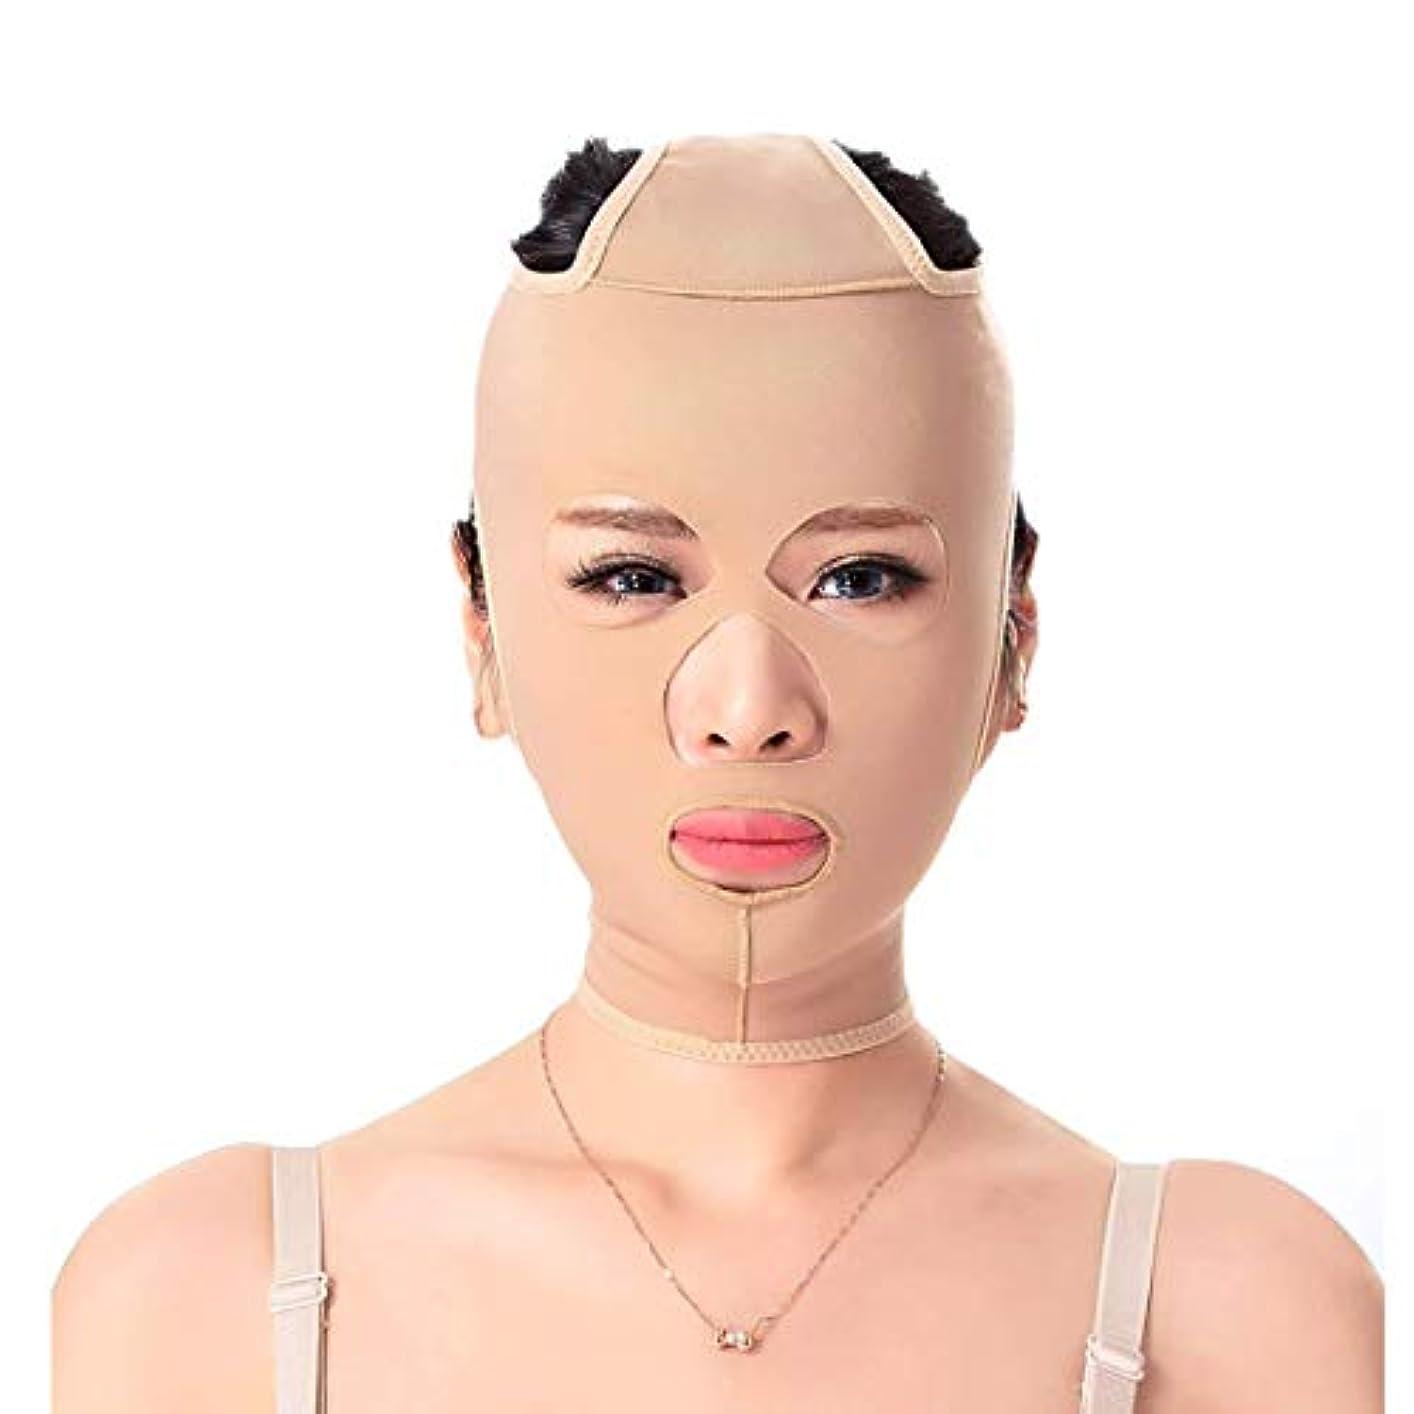 発明する遺産検証スリミングベルト、二重あごの引き締め顔面プラスチック顔アーティファクト強力な顔の包帯を脇に持ち上げるパターンを欺くためのフェイシャルマスク薄いフェイスマスク(サイズ:XXL),ザ?